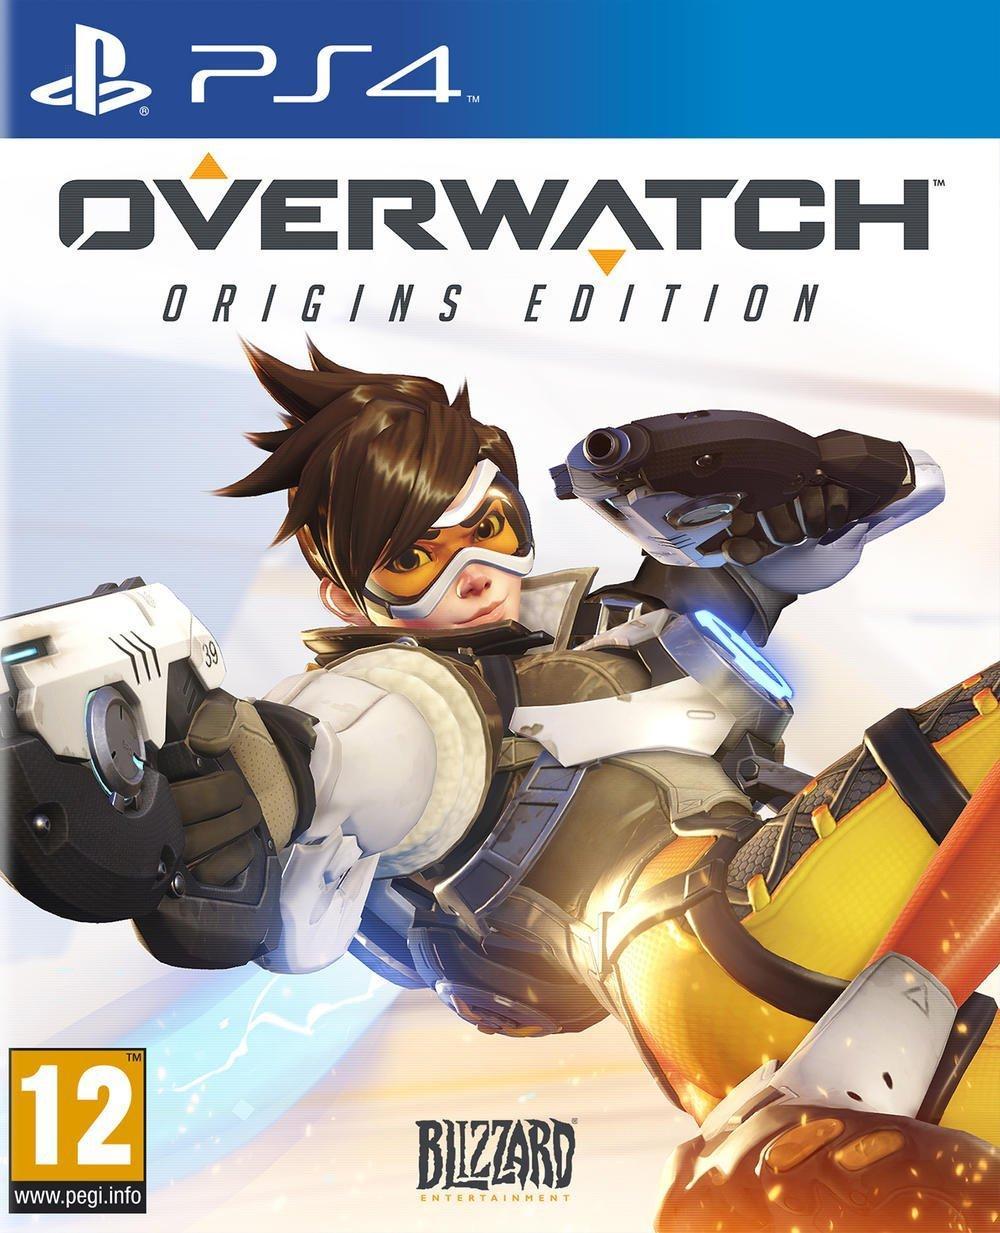 Overwatch PC à 46.90€ et sur Xbox One / PS4